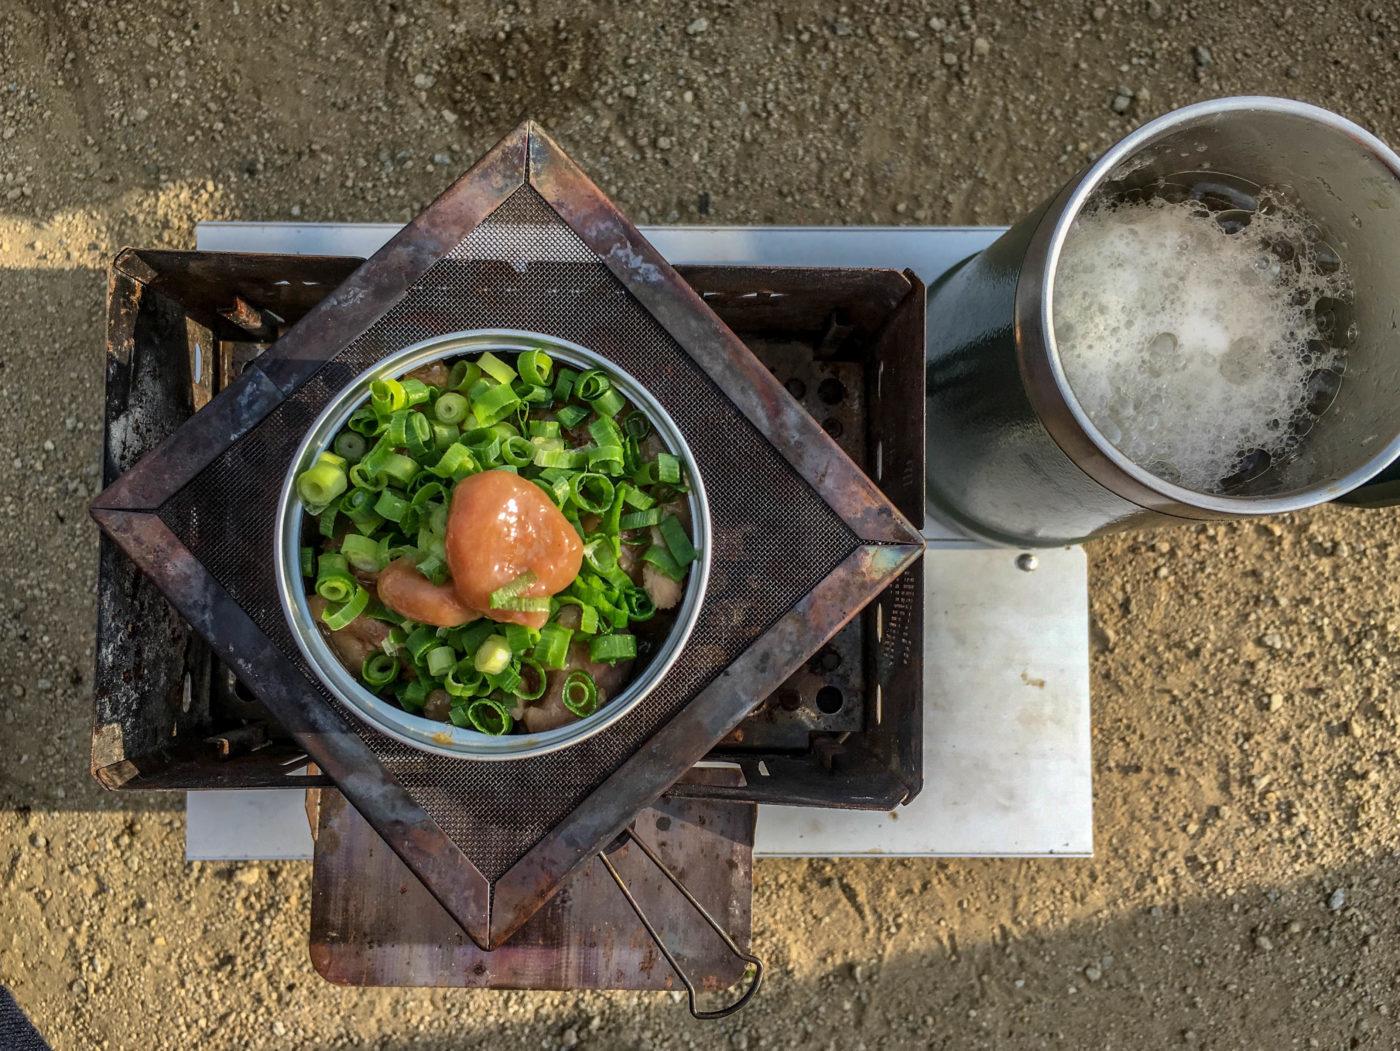 缶詰ちょい足しレシピ②焼き鳥塩の上に刻みネギと梅肉を入れます。